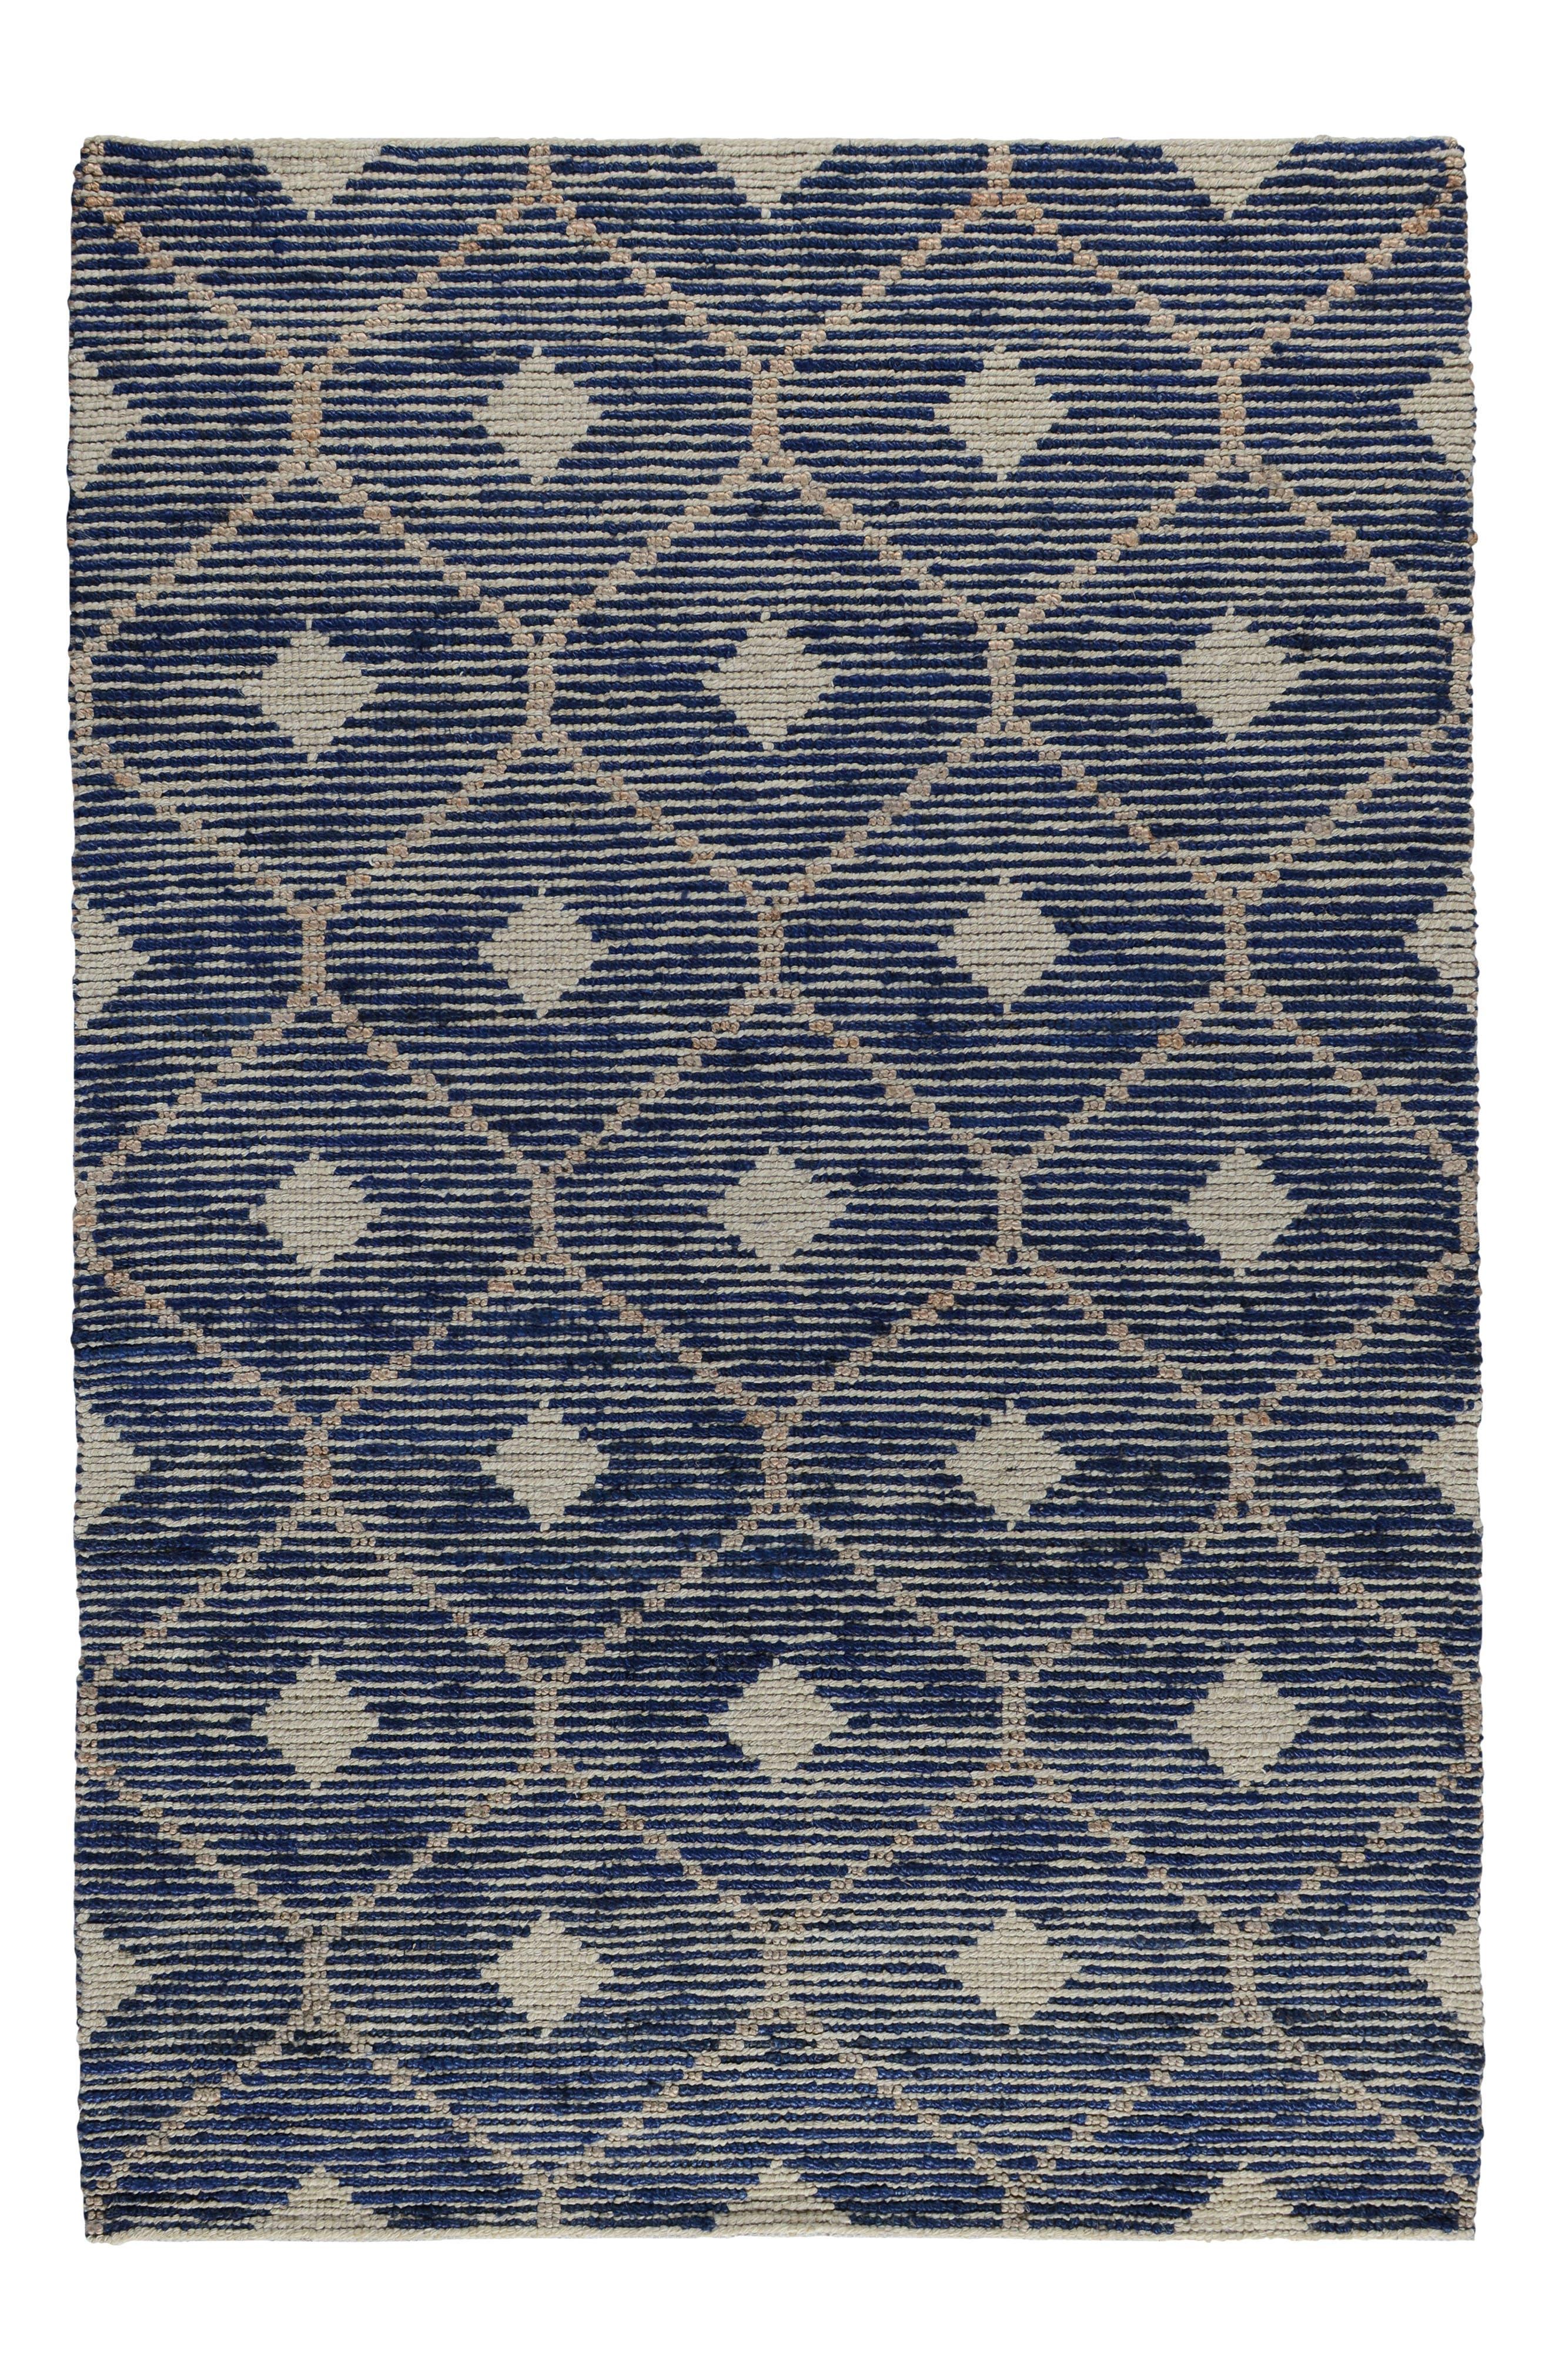 Rustica Handwoven Rug,                         Main,                         color, Indigo